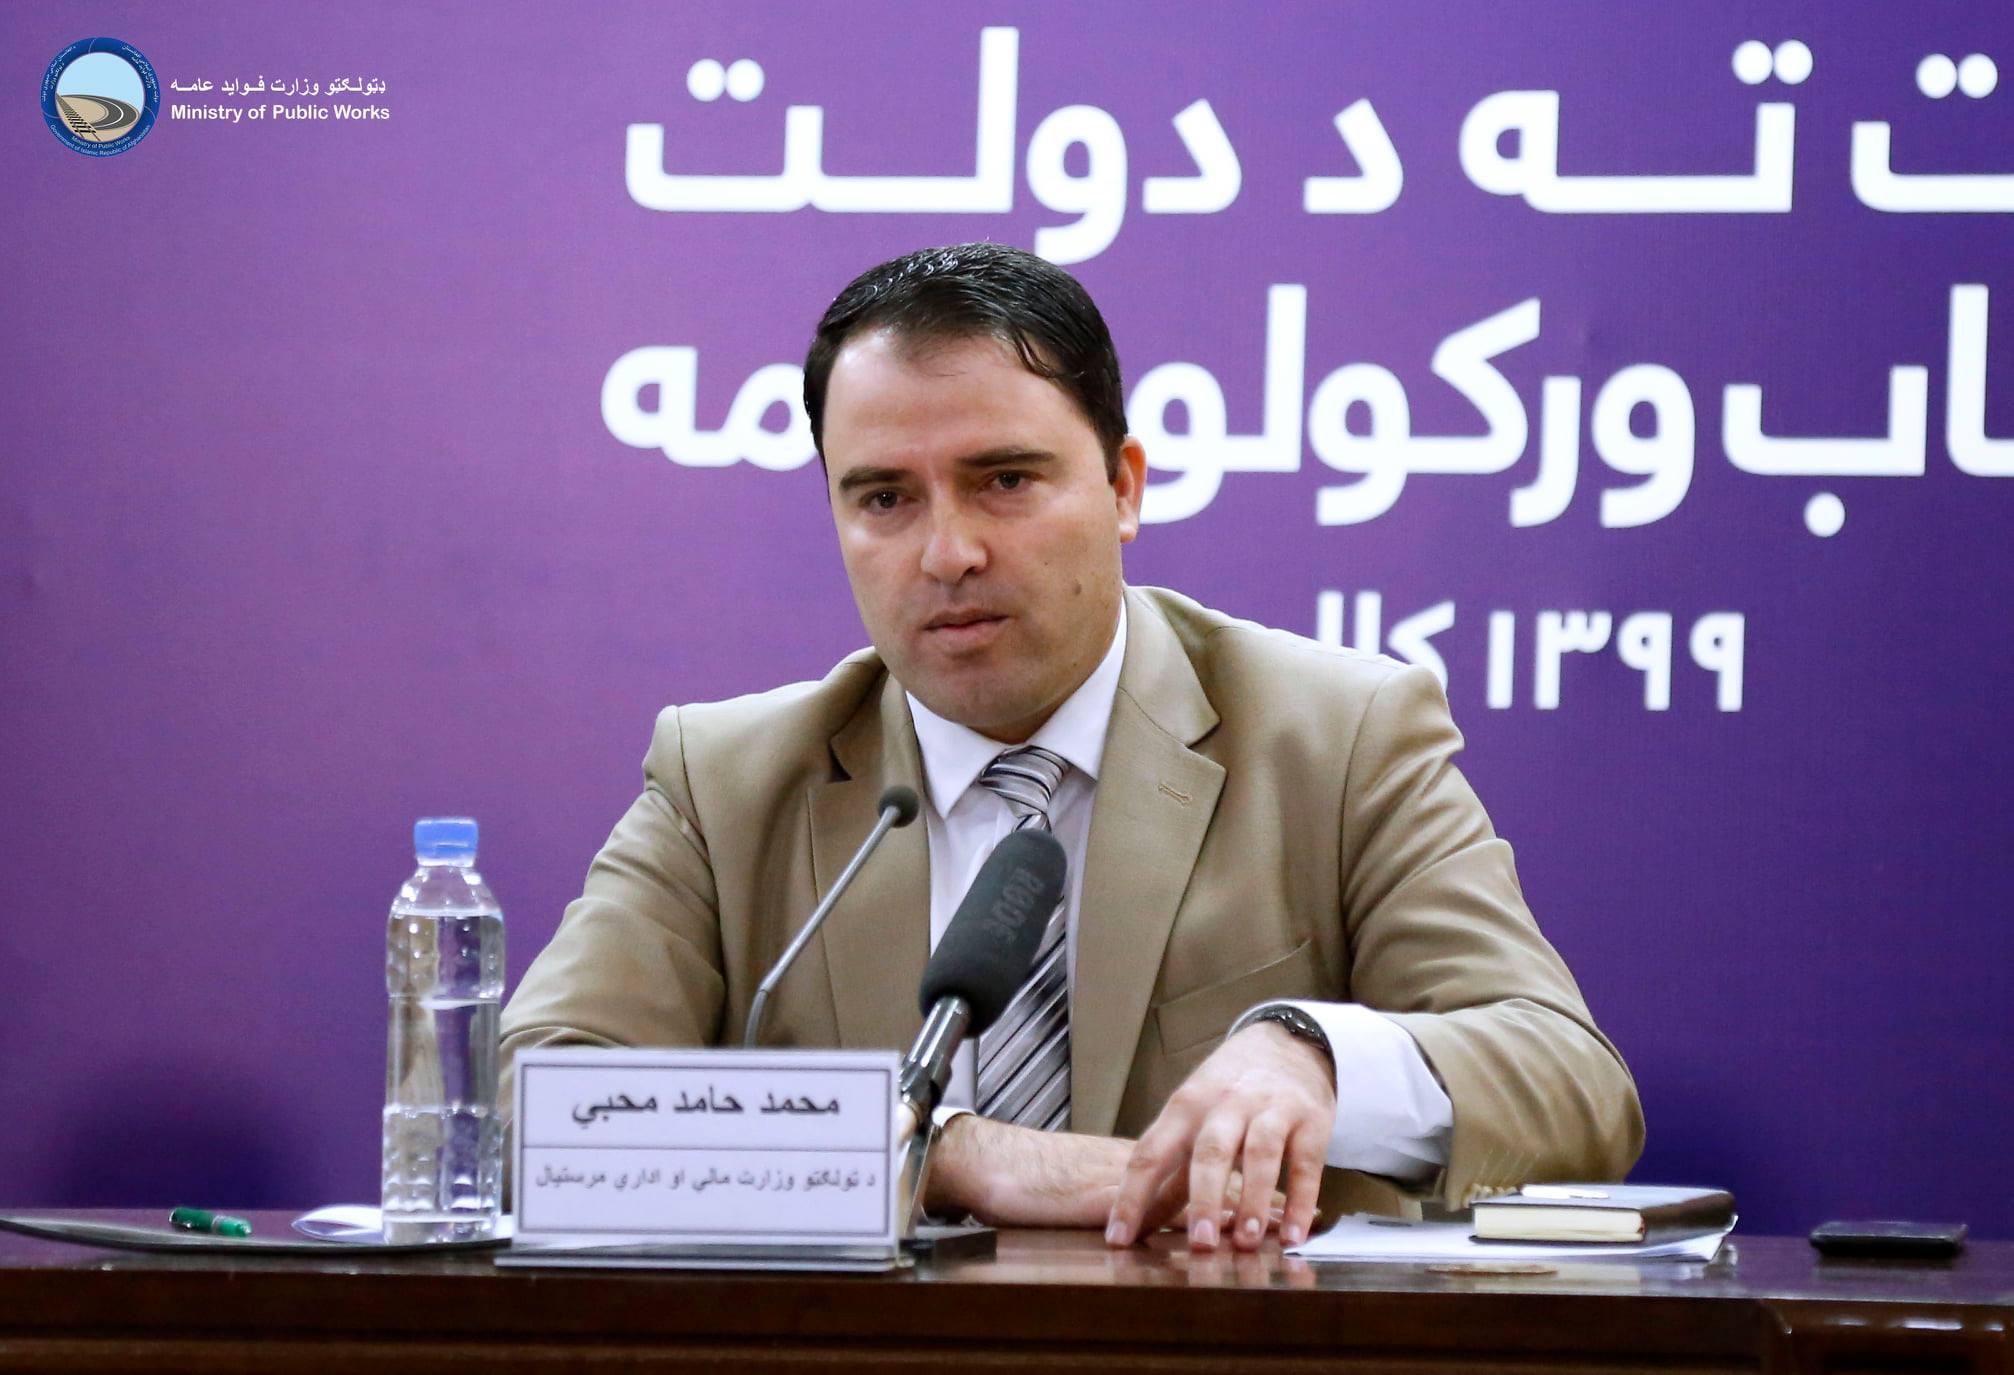 وزارت فوایدعامه در سال مالی ۱۳۹۹، ۶۸۰ کیلومتر سرک را اعمار و ترمیم نموده است